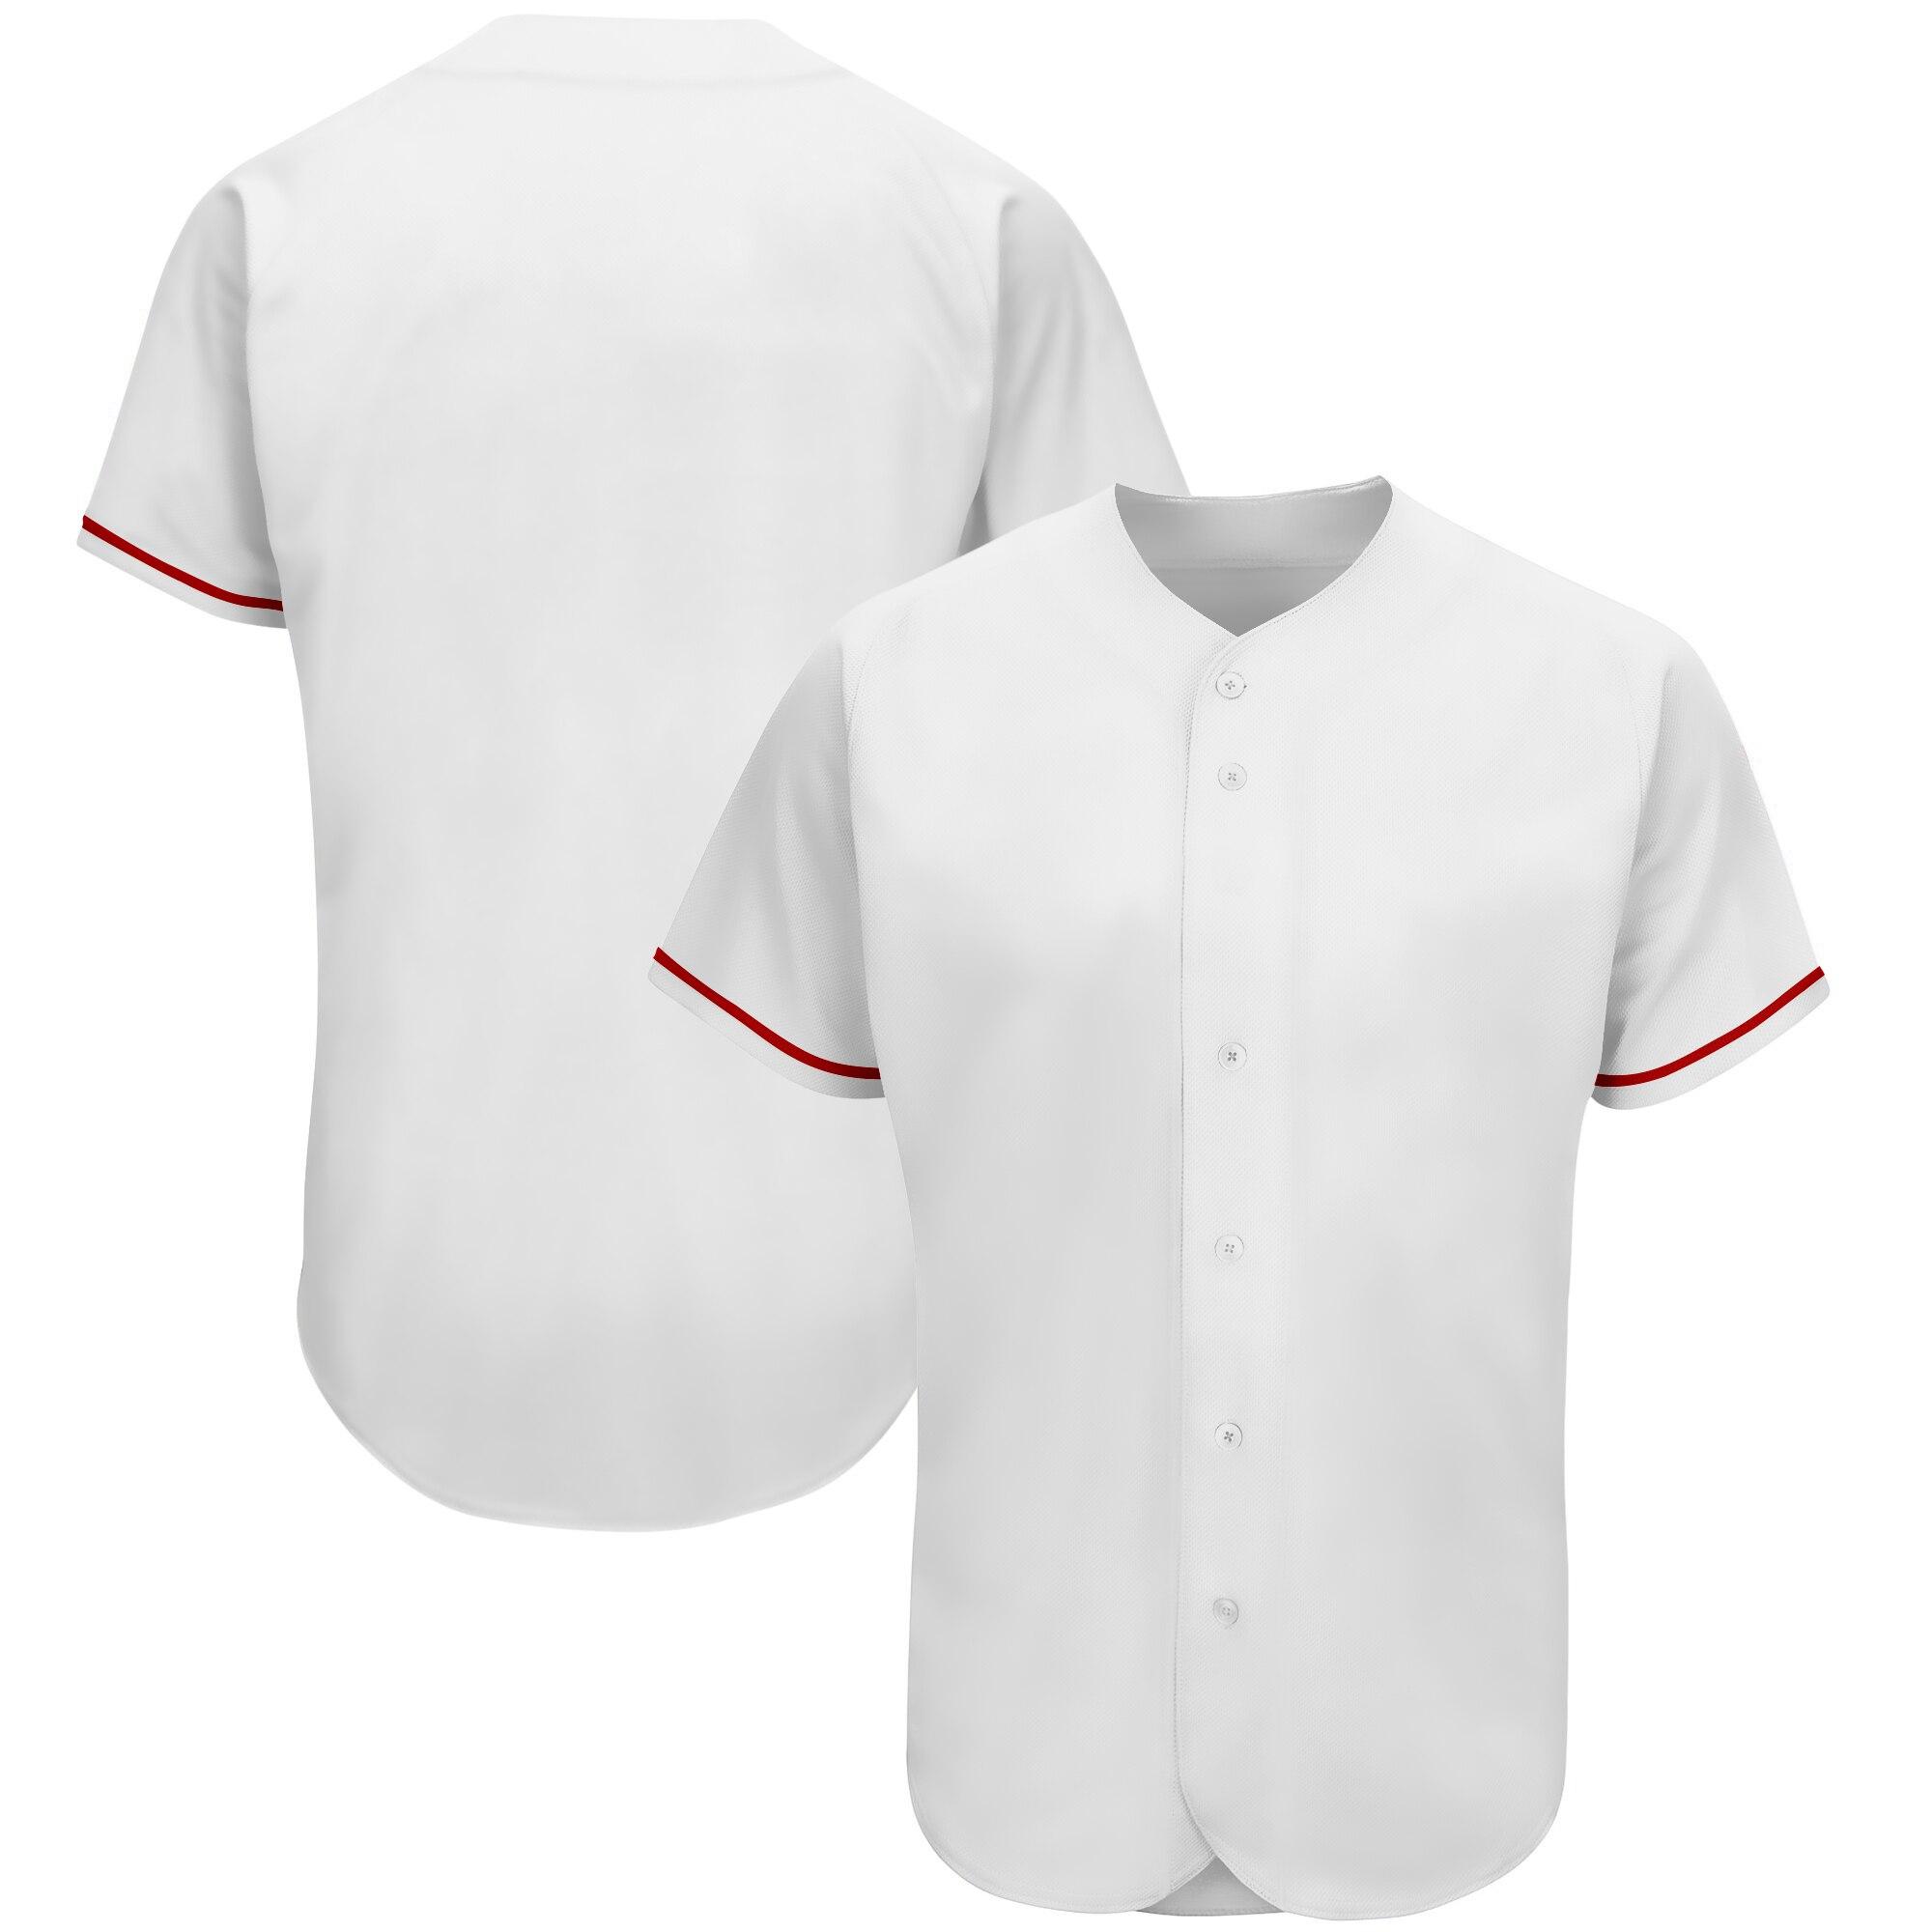 Недорогая бейсбольная Джерси для мужчин, американская форма с номером и именем стежка, спортивные рубашки для Софтбола, униформа для болель...